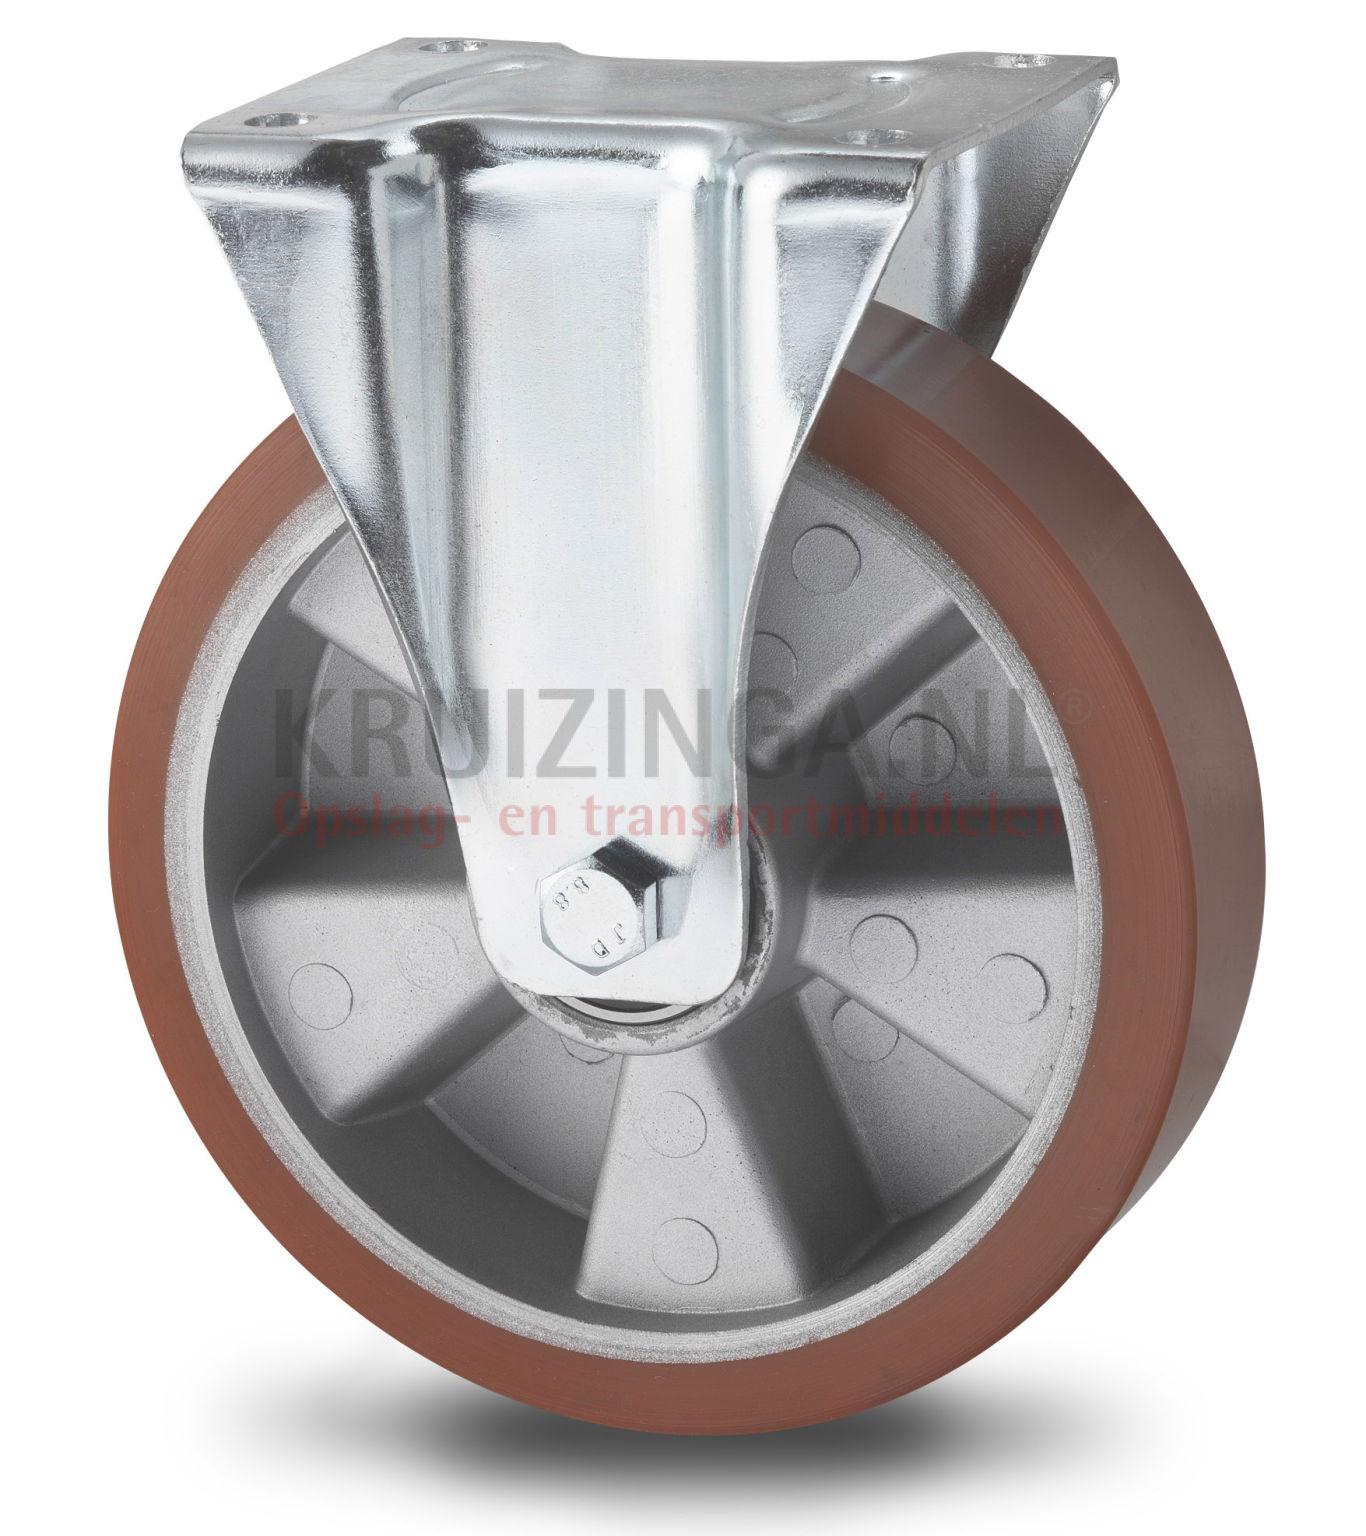 rollen und r der bockrolle 200 mm ab 30 15 frei haus. Black Bedroom Furniture Sets. Home Design Ideas